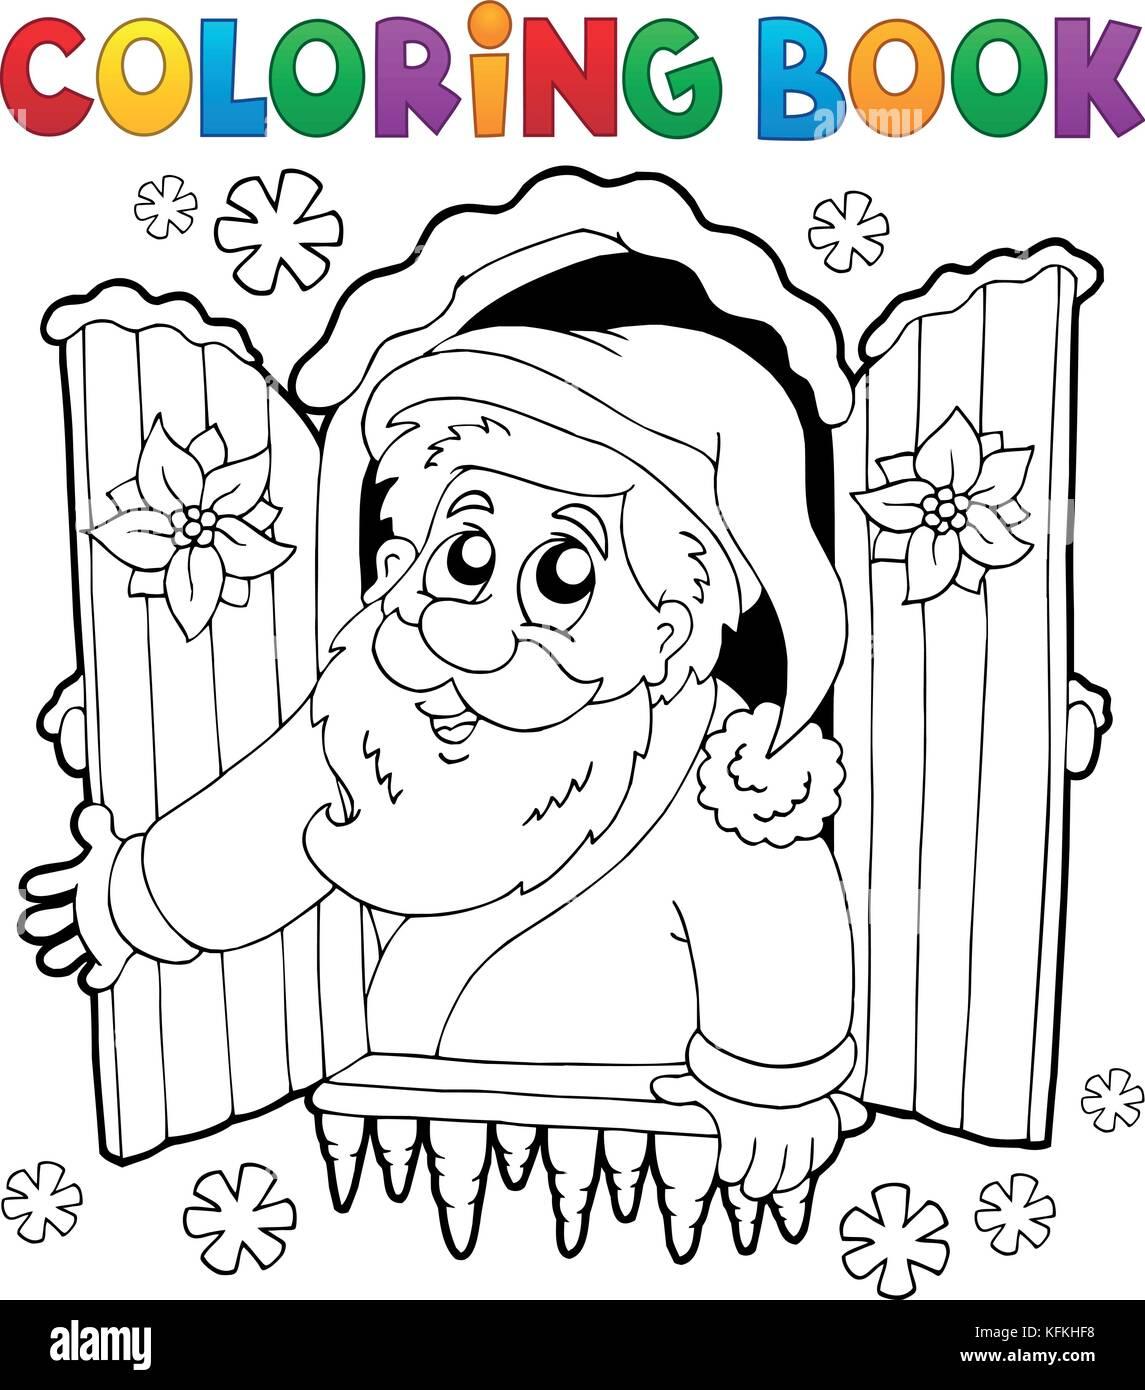 Schön Santa Claus Druckbare Malvorlagen Ideen - Entry Level Resume ...